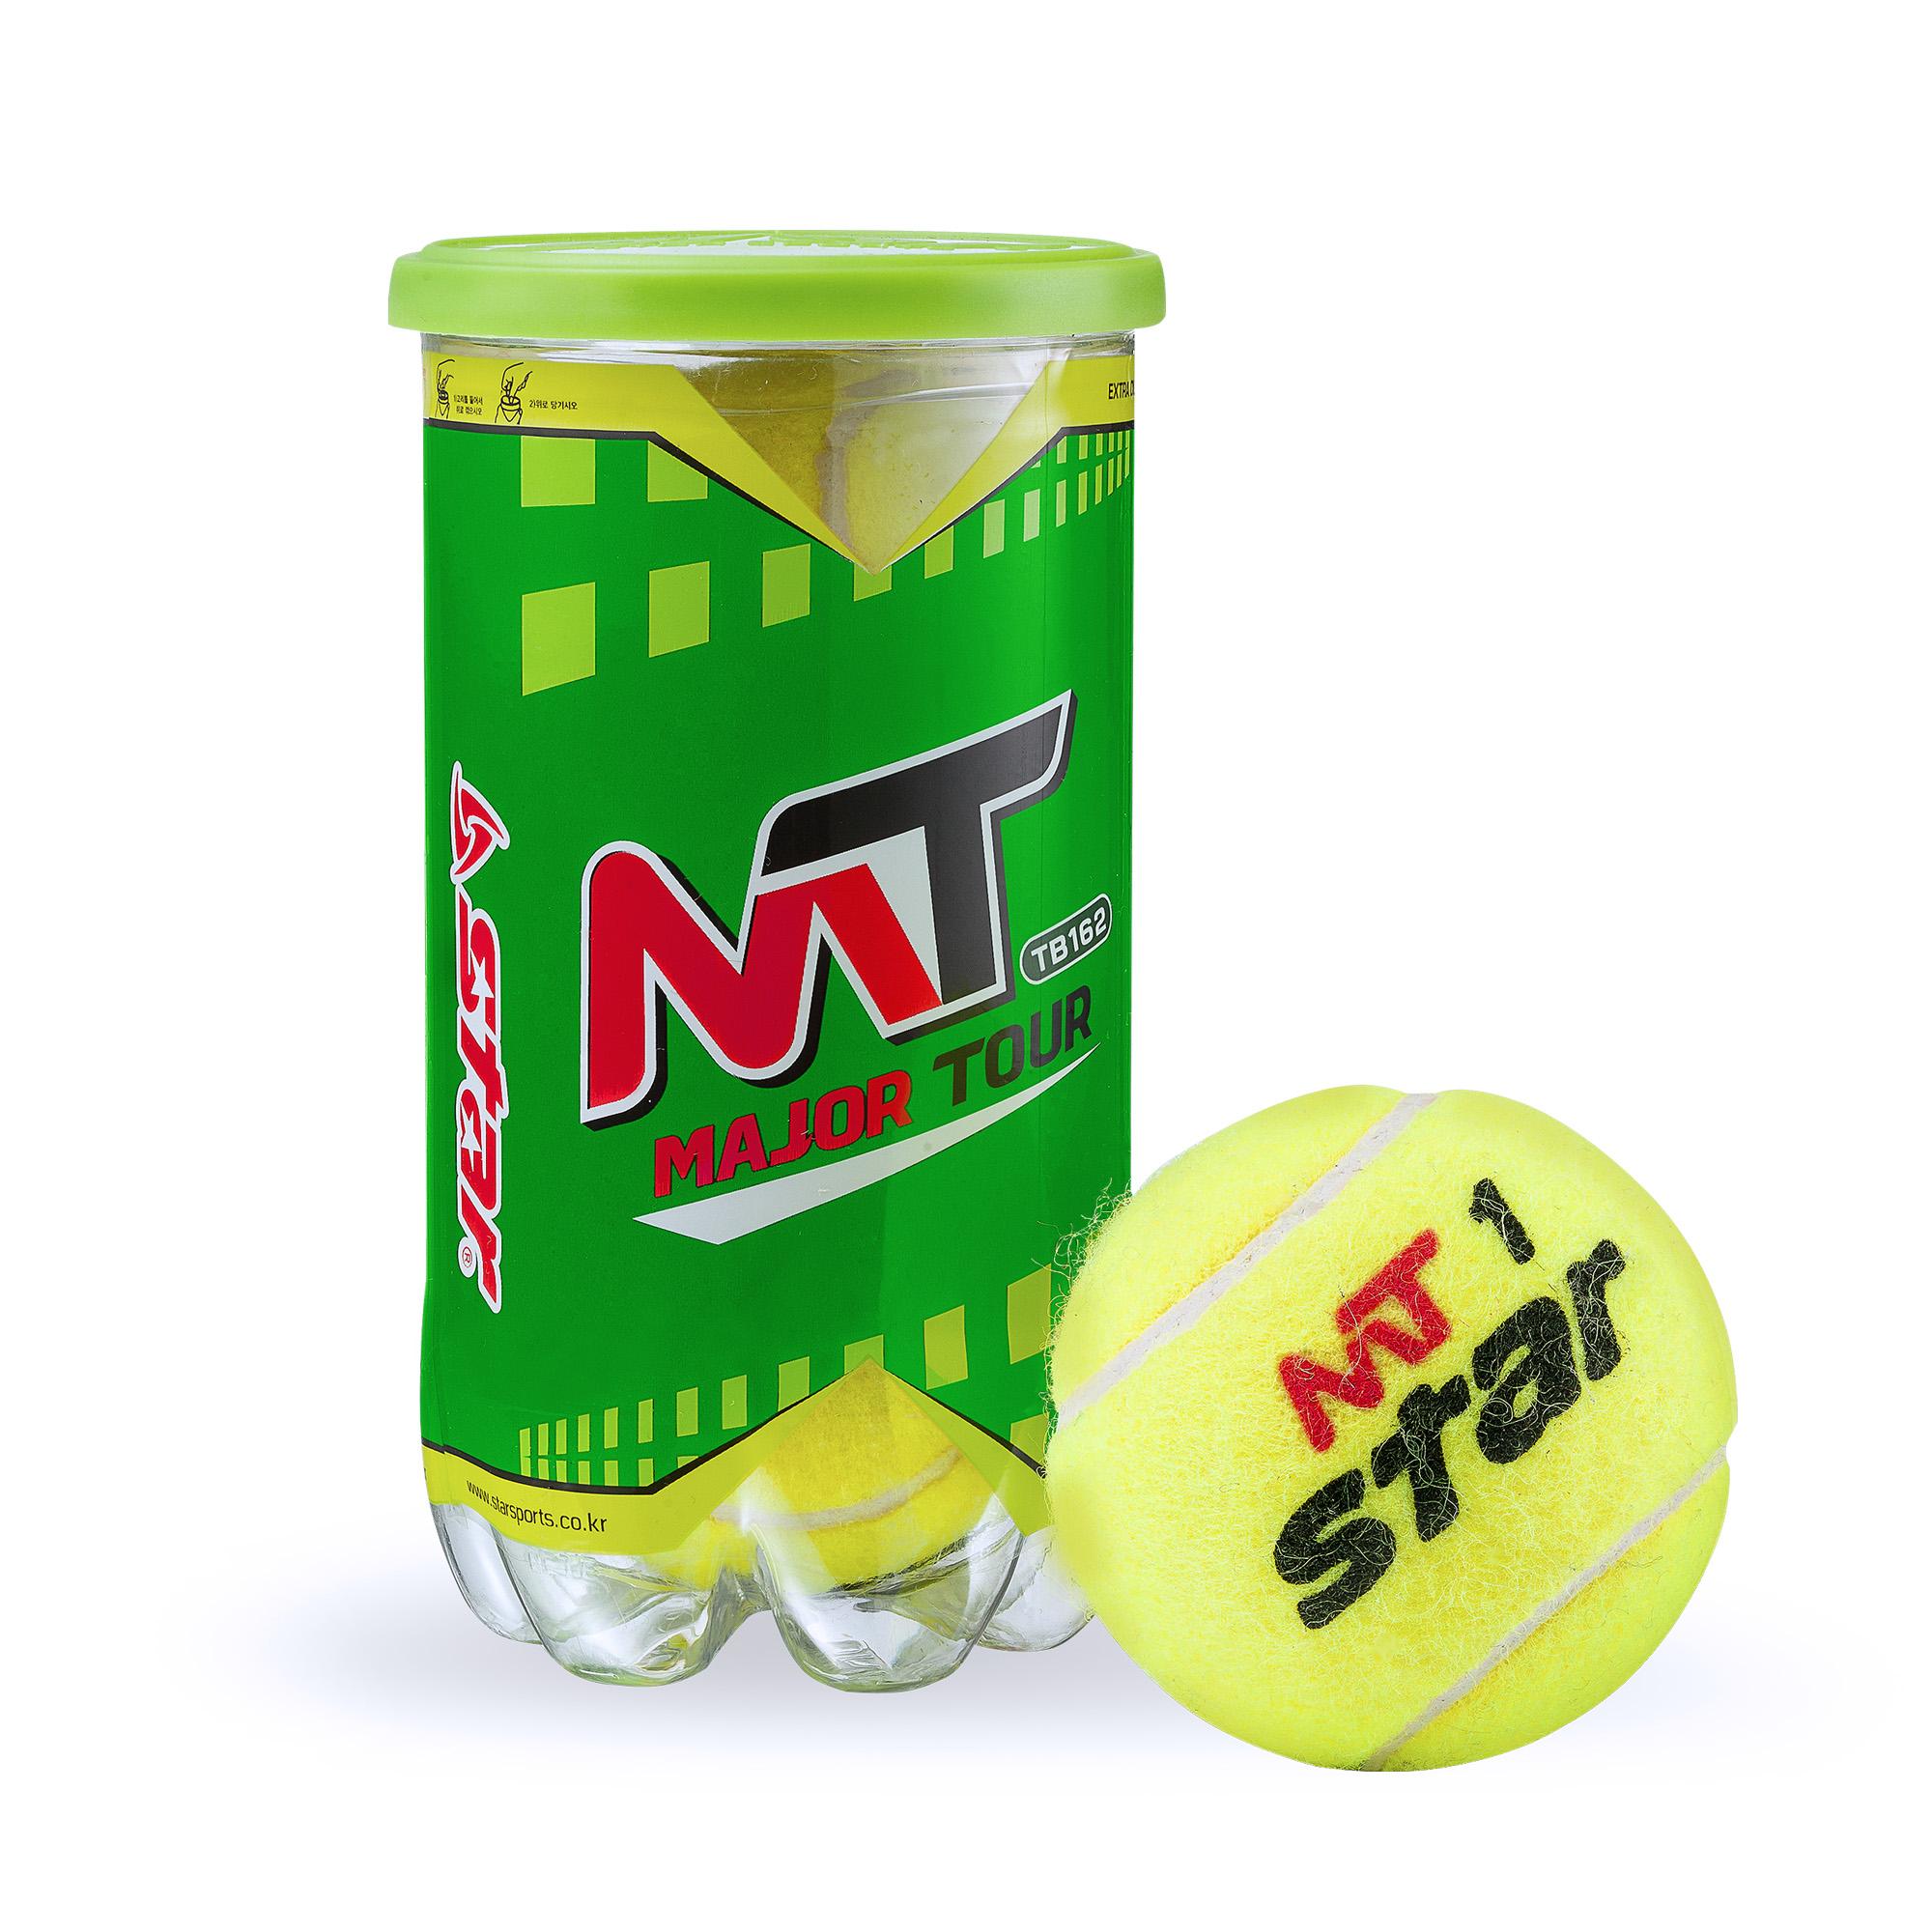 테니스공 메이저 투어 (2..